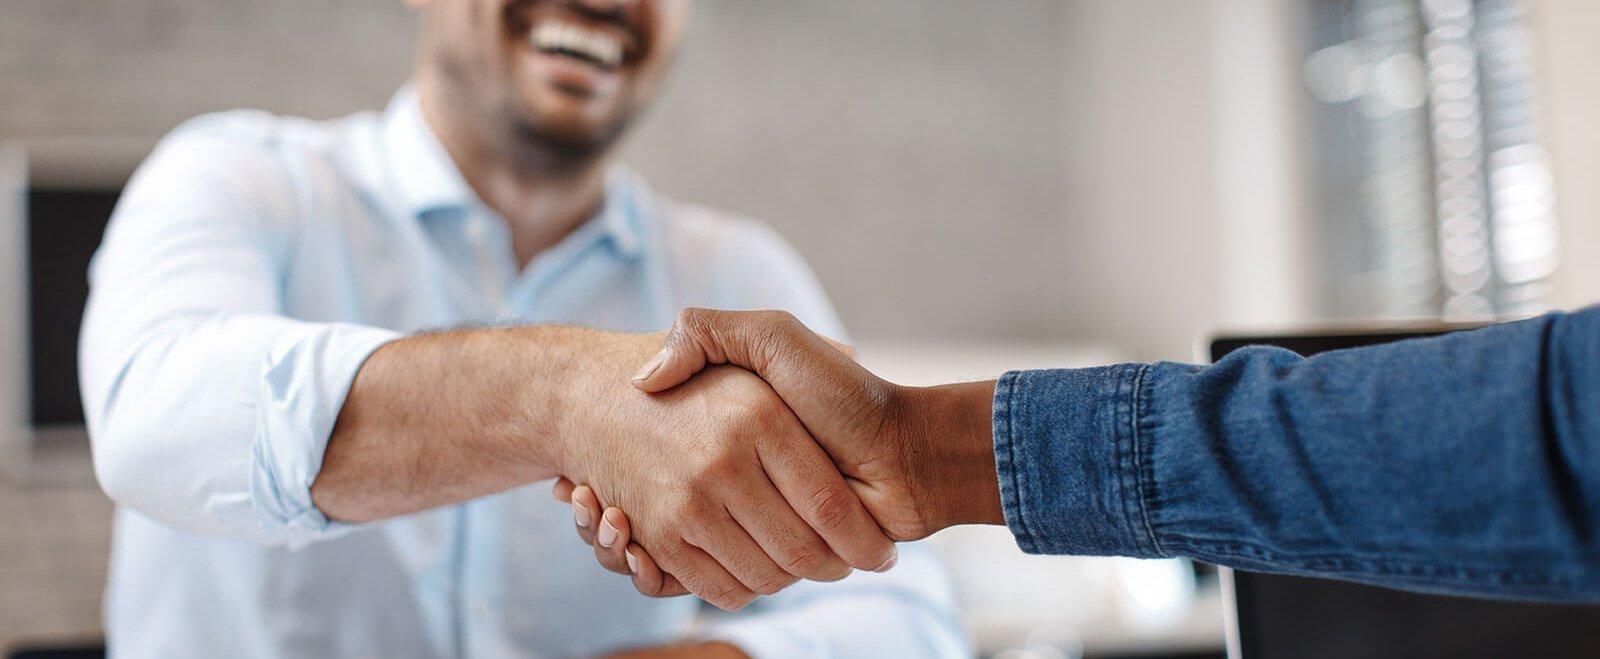 Existenzgründung kann auch heißen: Ein bestehendes Unternehmen als Nachfolger übernehmen.